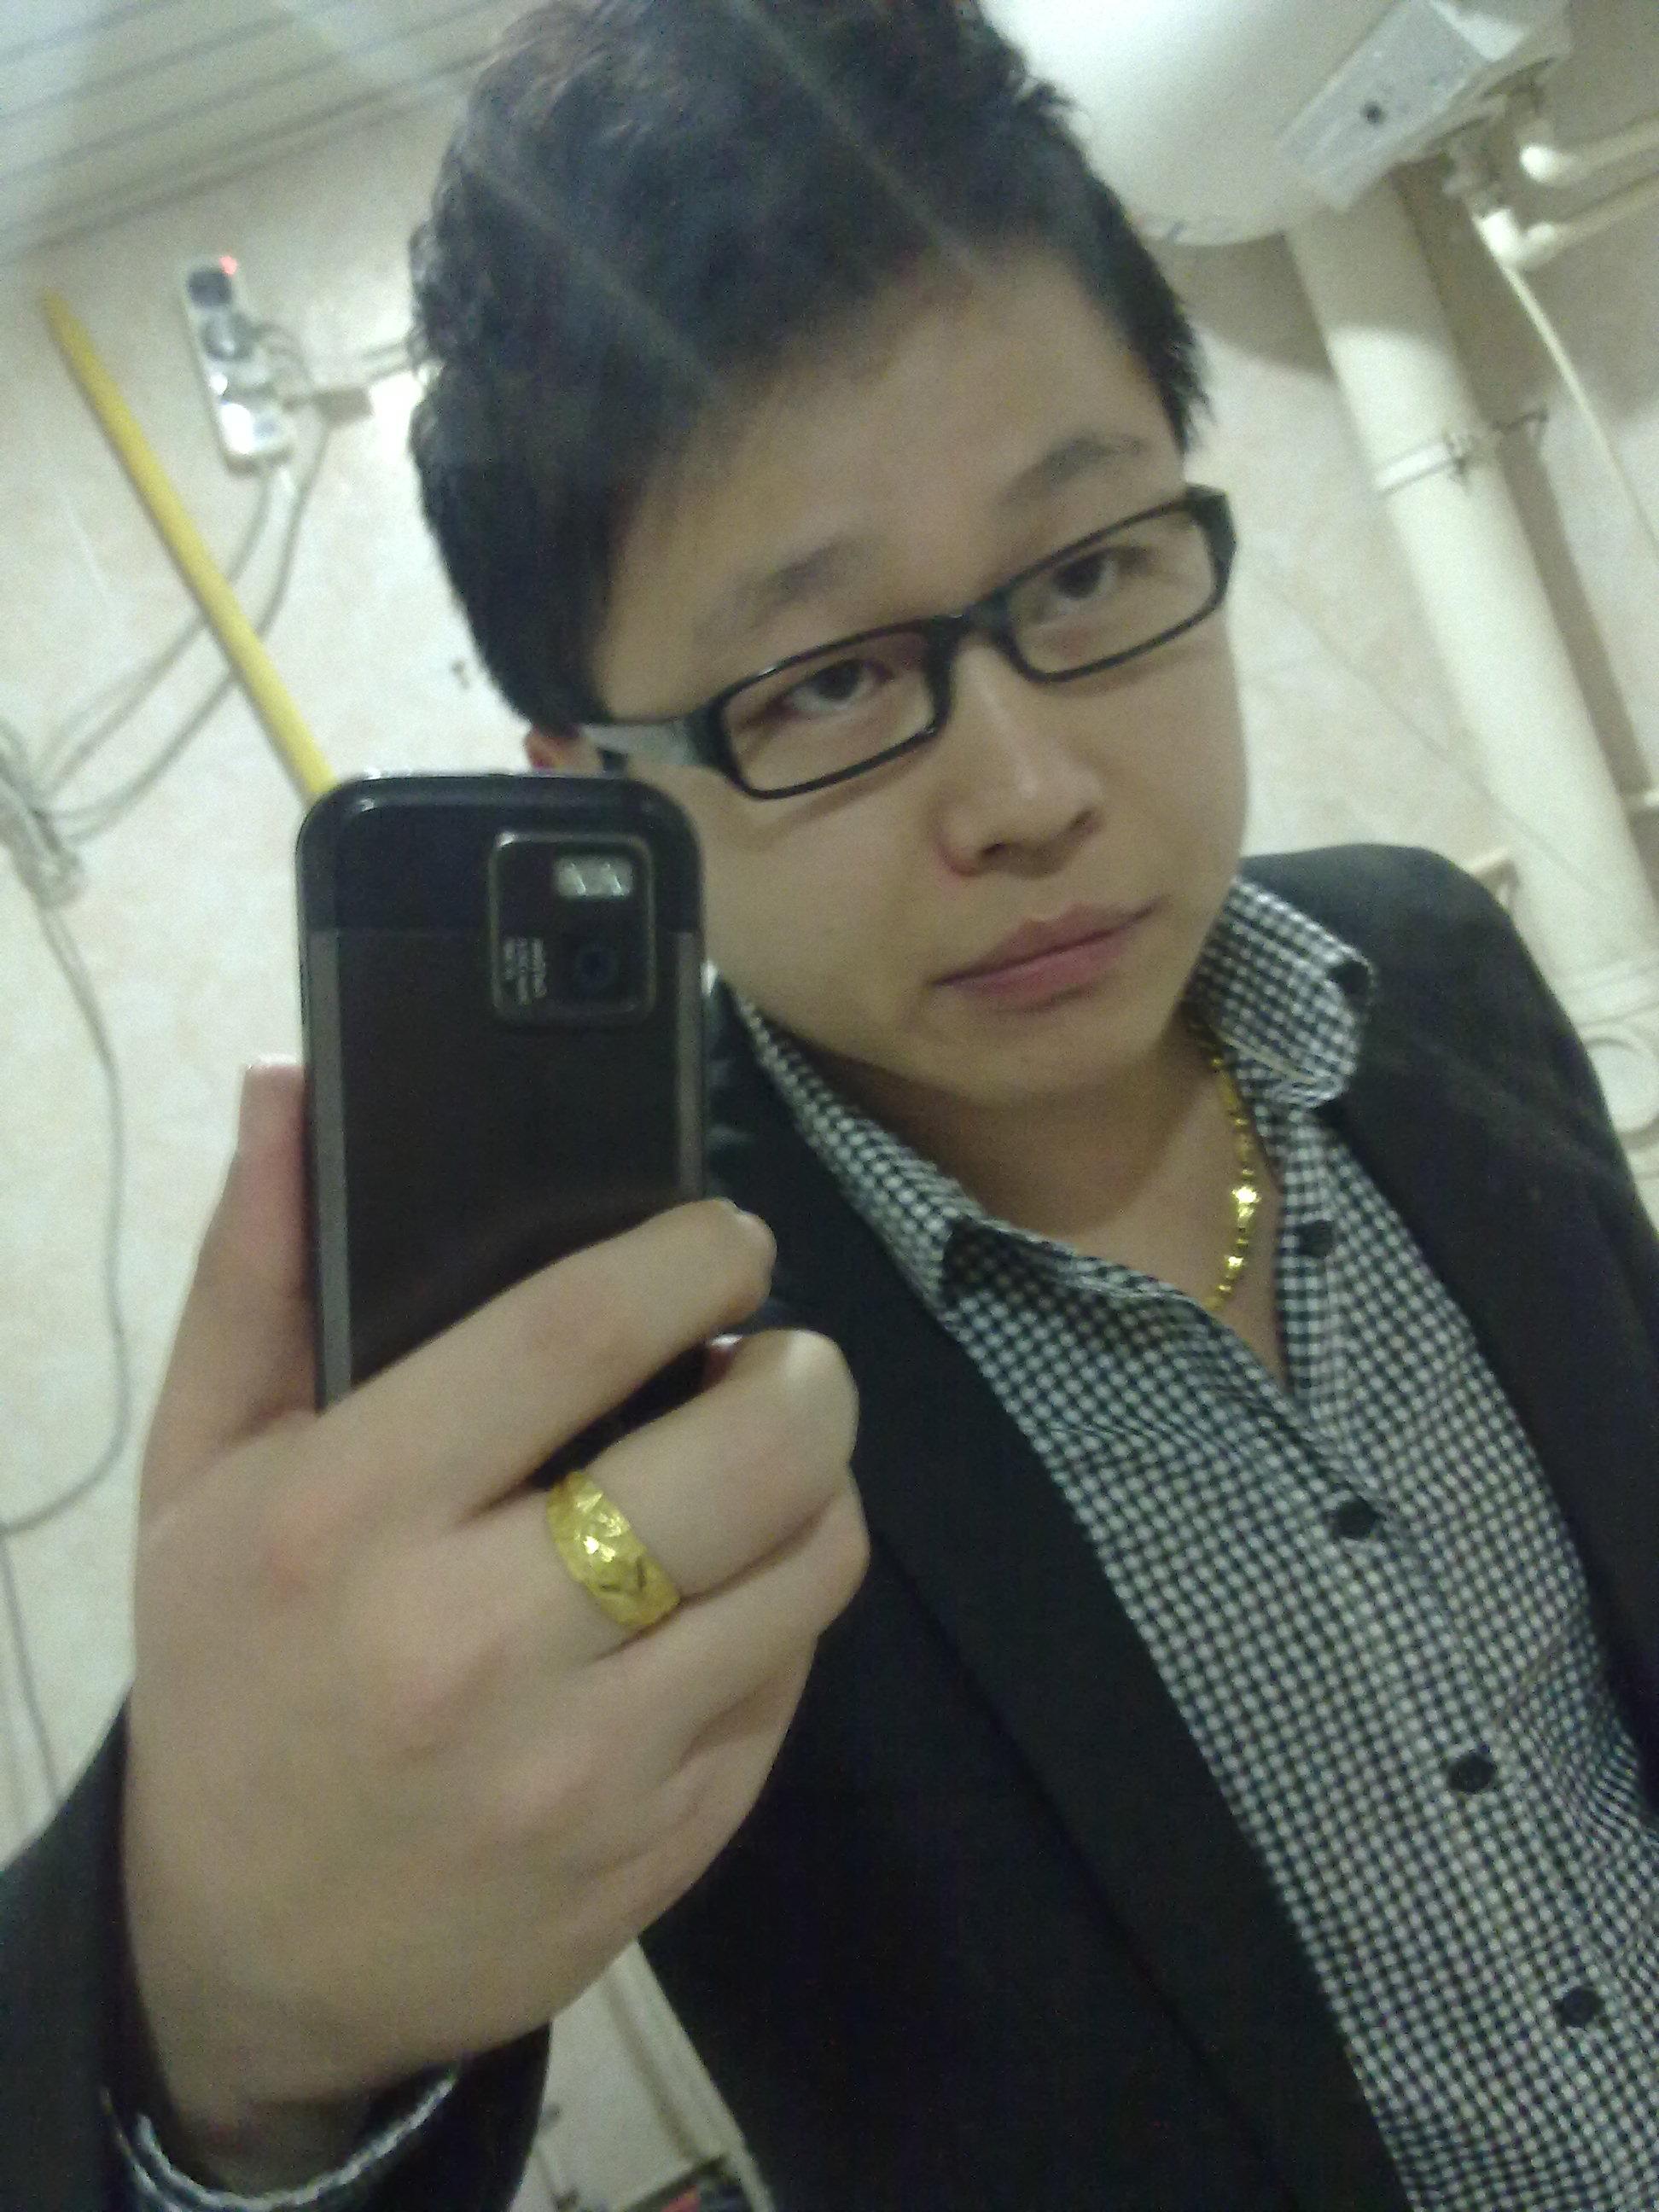 上海彩虹室內合唱團成員柳楊